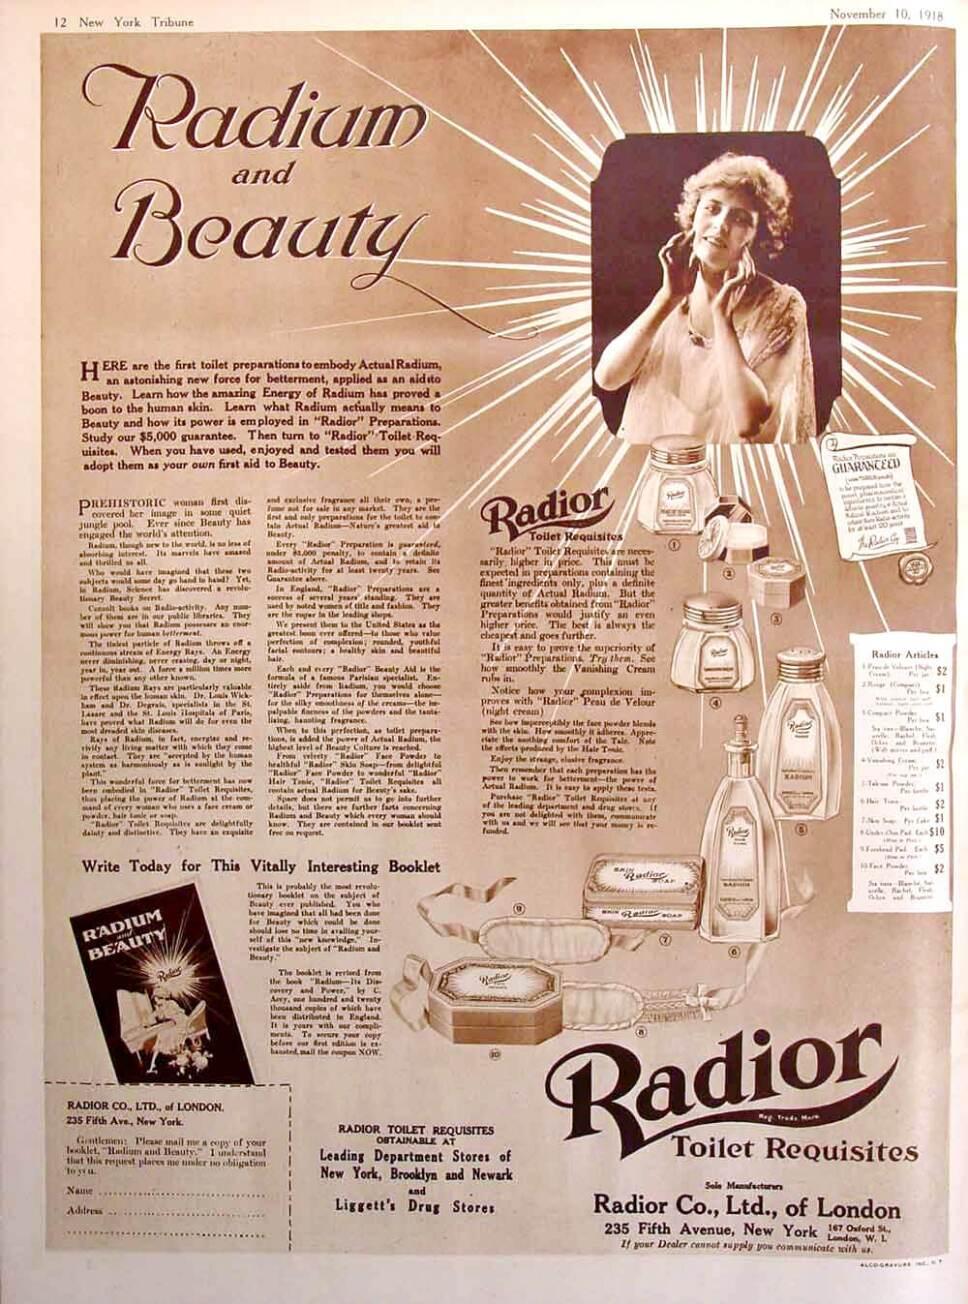 publicidad de maquillaje radiactivo radior